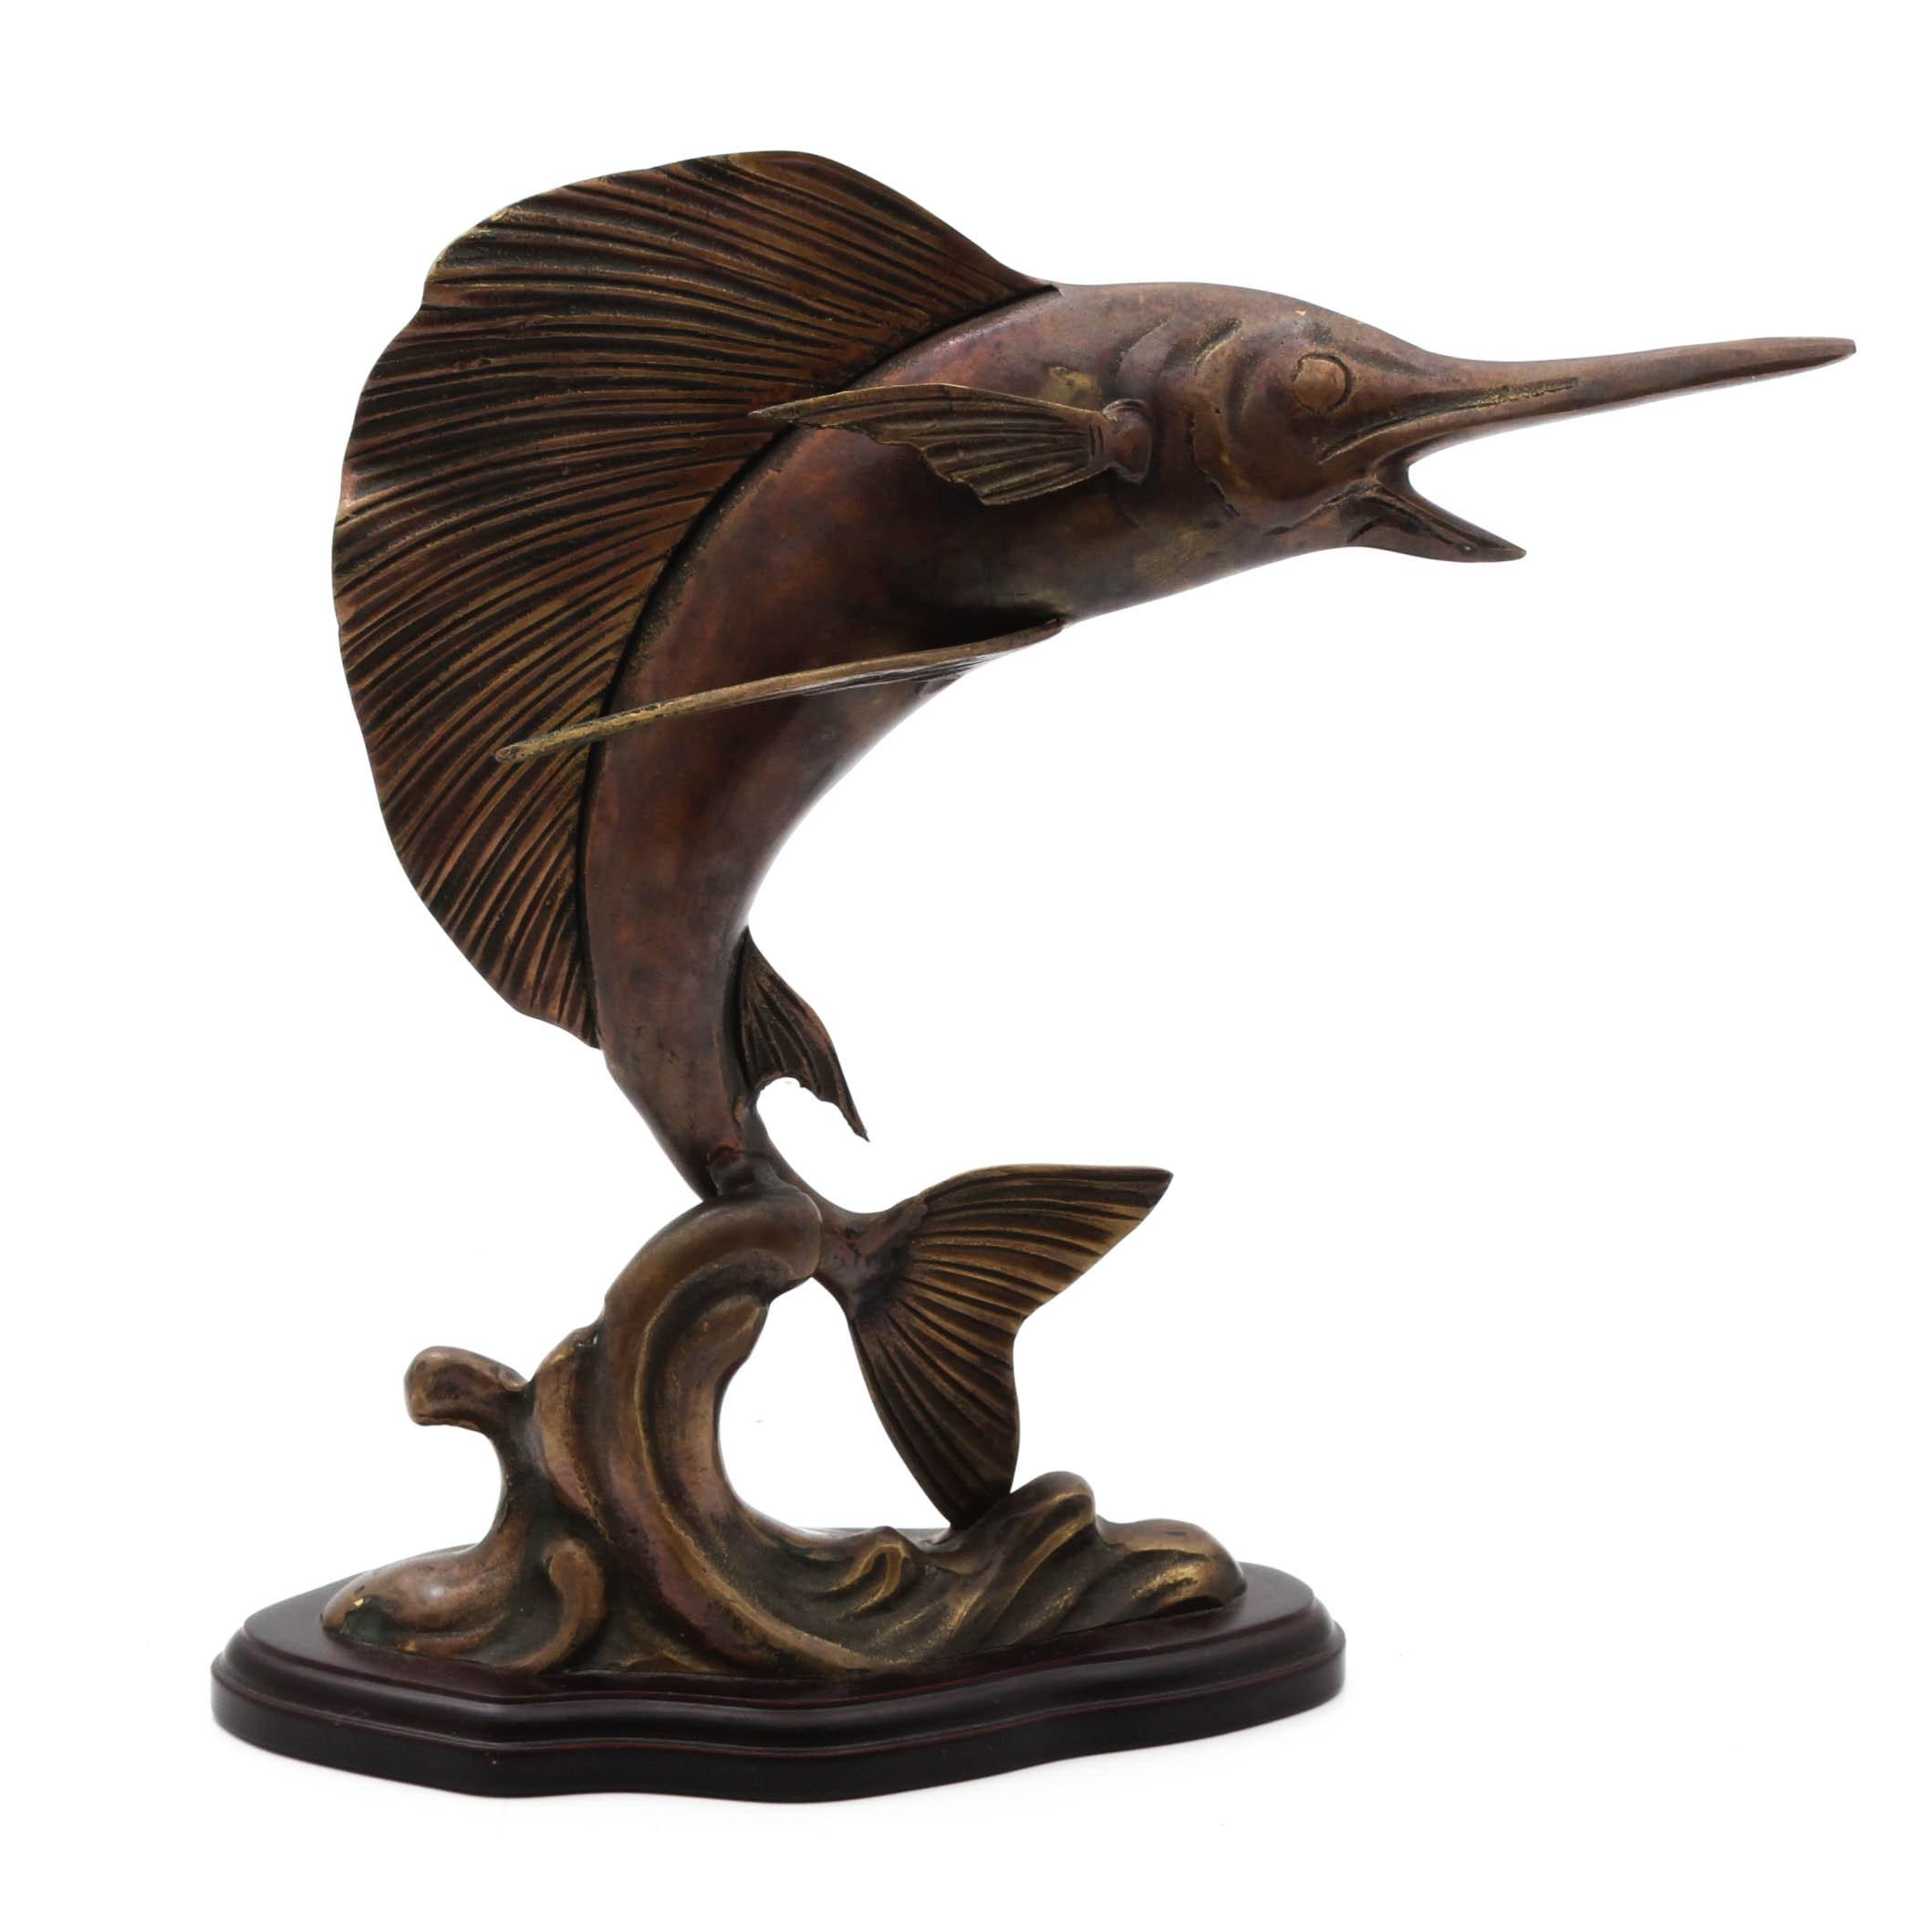 Frank Clark Brass Sailfish Sculpture